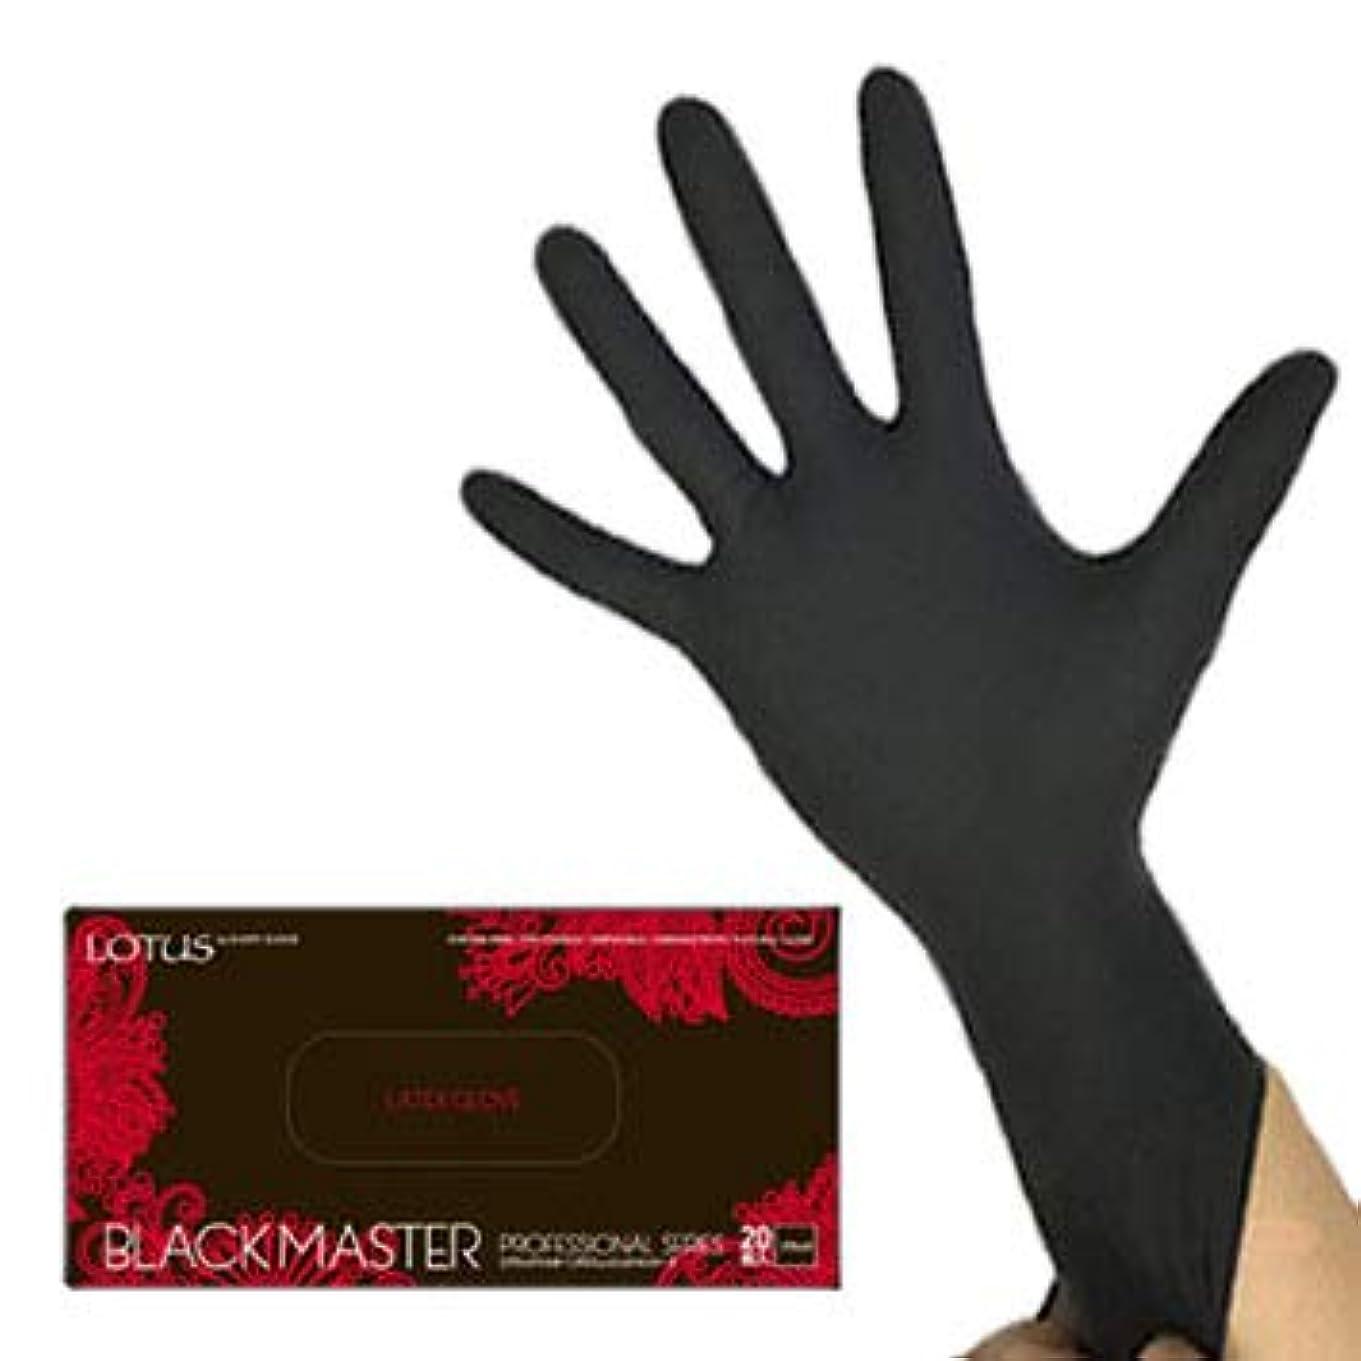 フラップく医療の(ロータス)LOTUS ブラックマスターレッド (ラテックス グローブ ロングタイプ 29cm 厚手 左右兼用 20枚入)(S)